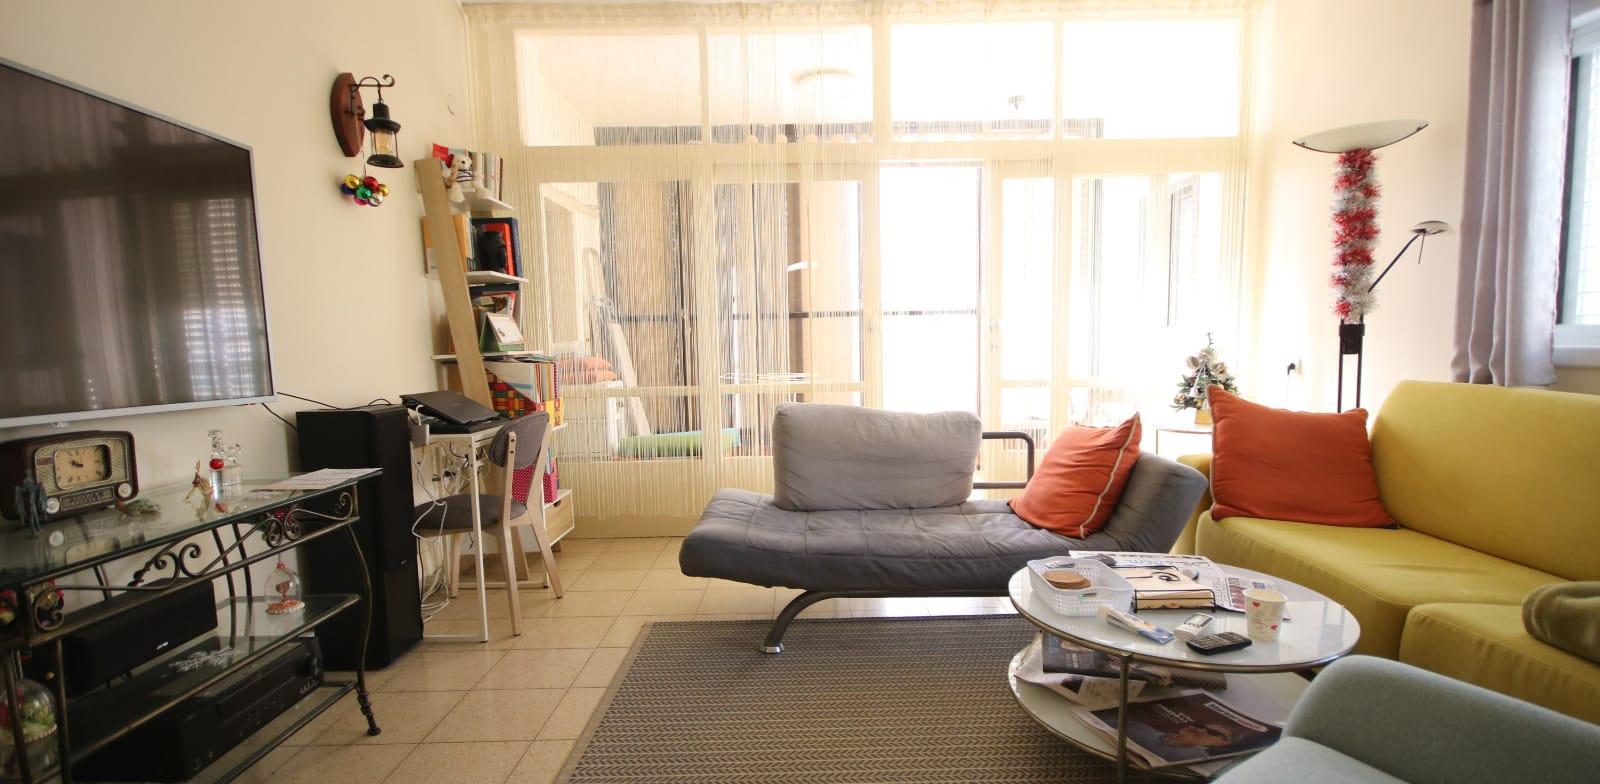 פנים הדירה ברחוב כצנלסון 75 בגבעתיים / צילום: צח בן בסת